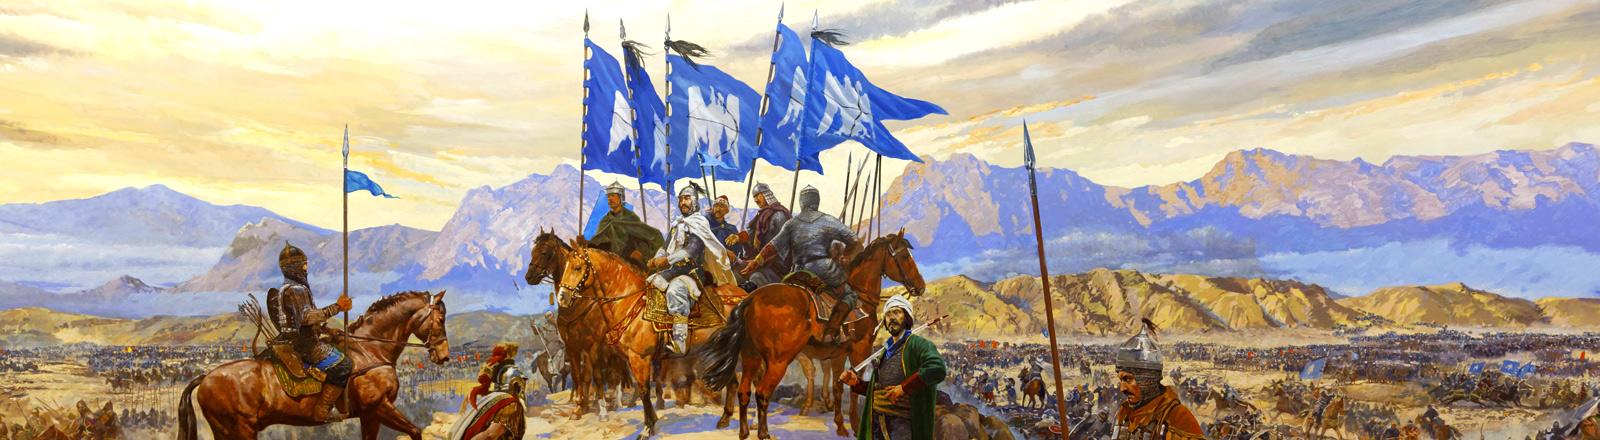 Historisches Gemälde aus Istanbul, das die Schlacht von Mantzikert zeigt.